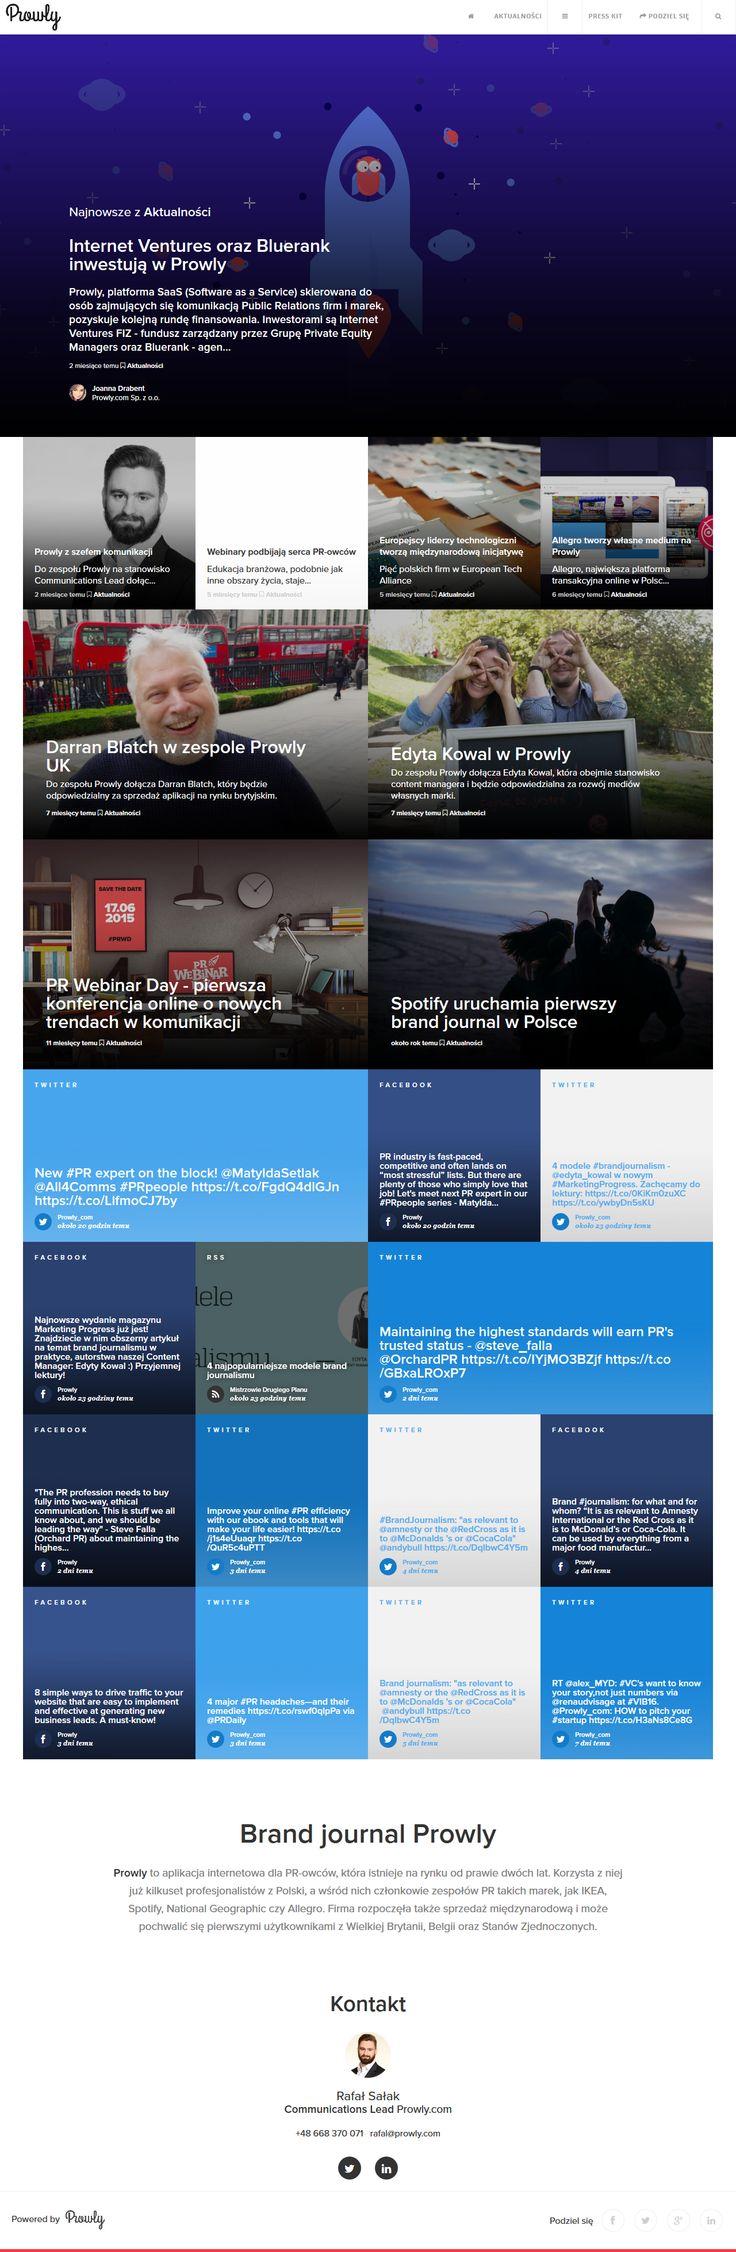 Nowoczesny i przejrzysty schemat podstrony. Zmieniające się grafiki. Publikacja najnowszych artykułów i newsów z życia firmy. Łatwy kontakt z osobą odpowiadającą za kontakt z mediami. Integracja z social media.